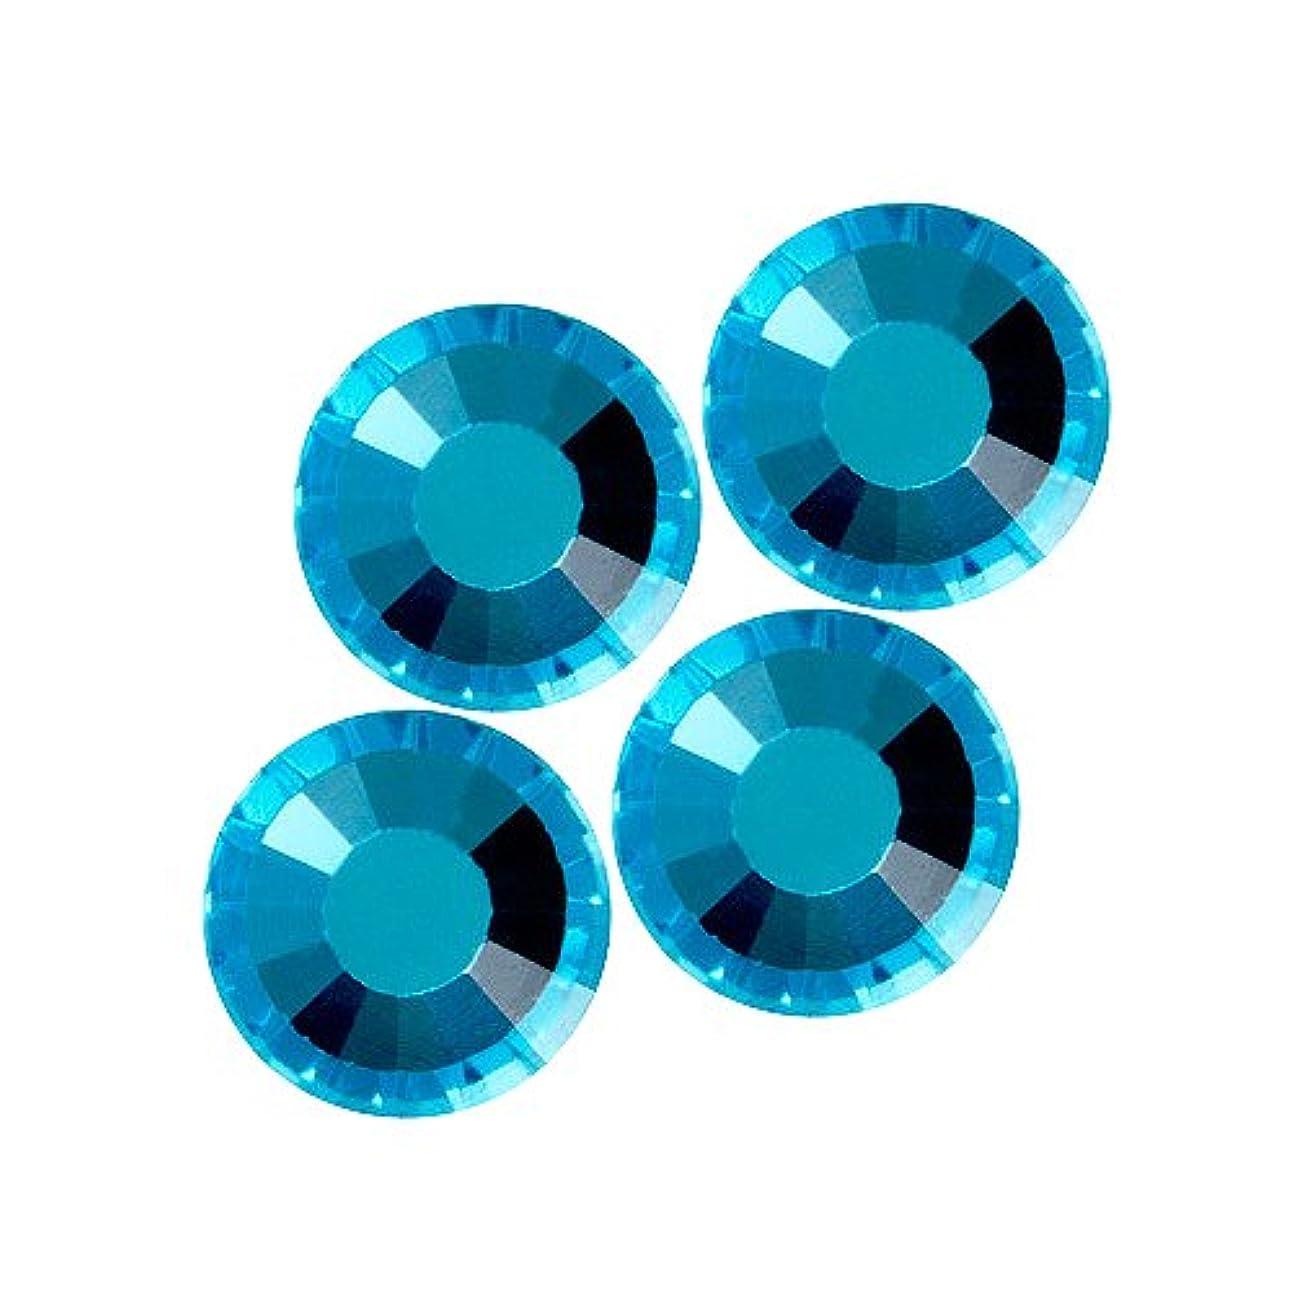 仲介者特性思春期のバイナル DIAMOND RHINESTONE アクアマリン SS12 1440粒 ST-SS12-AQM-10G